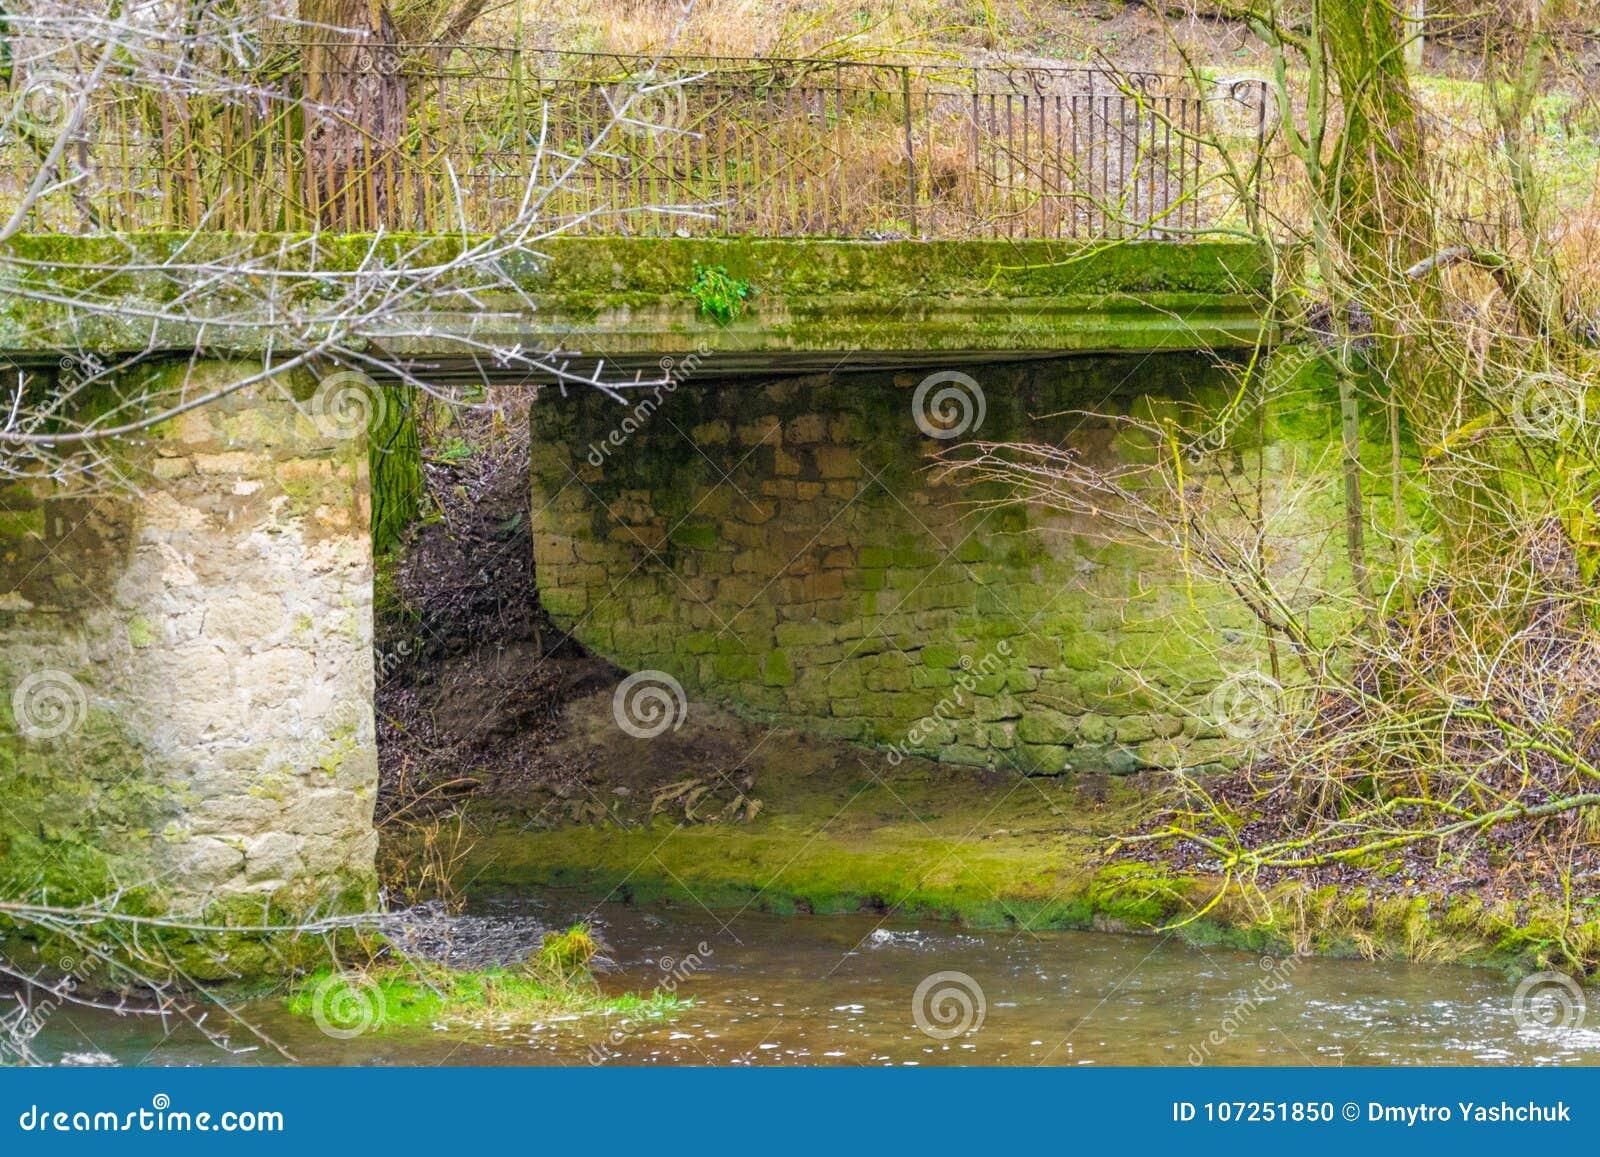 Una imagen de la orilla del puente de Hisley un puente viejo del caballo de carga sobre el río